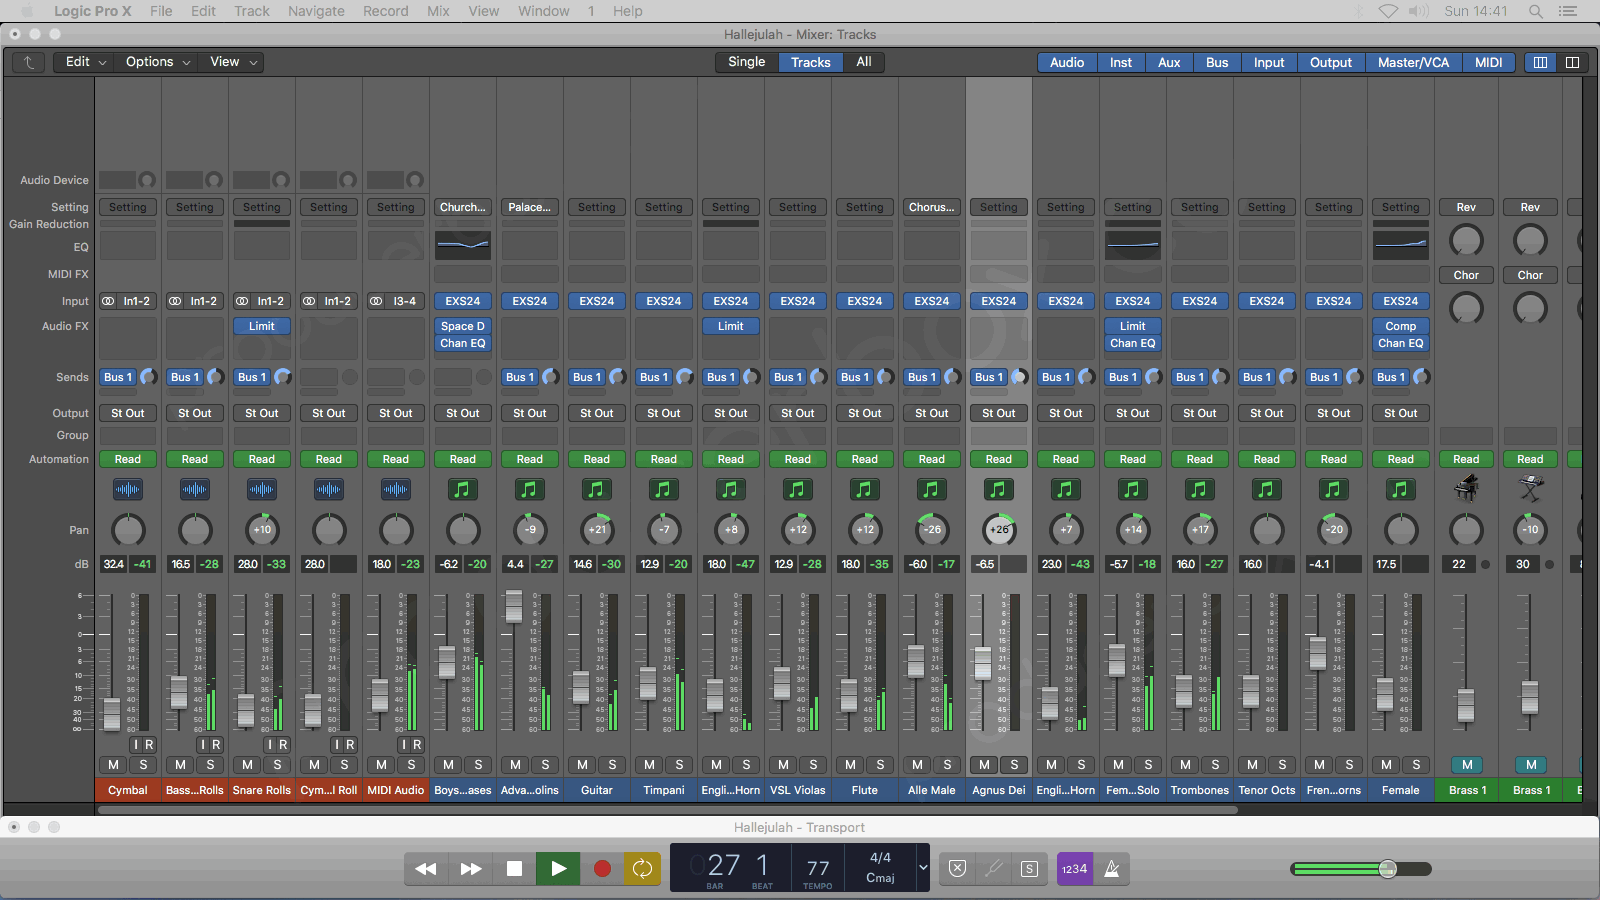 Logic Pro X Mixer Window - Allelujah